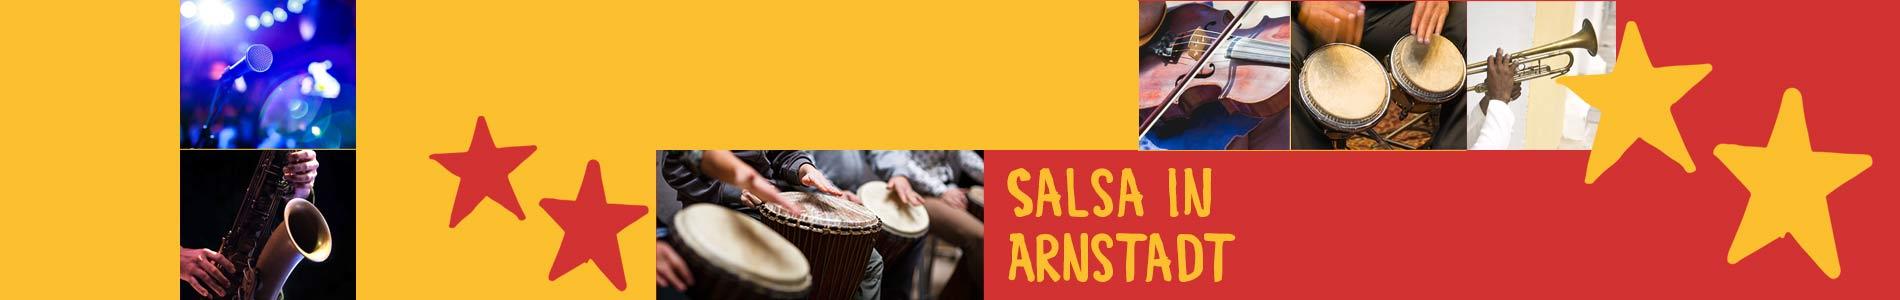 Salsa in Arnstadt – Salsa lernen und tanzen, Tanzkurse, Partys, Veranstaltungen